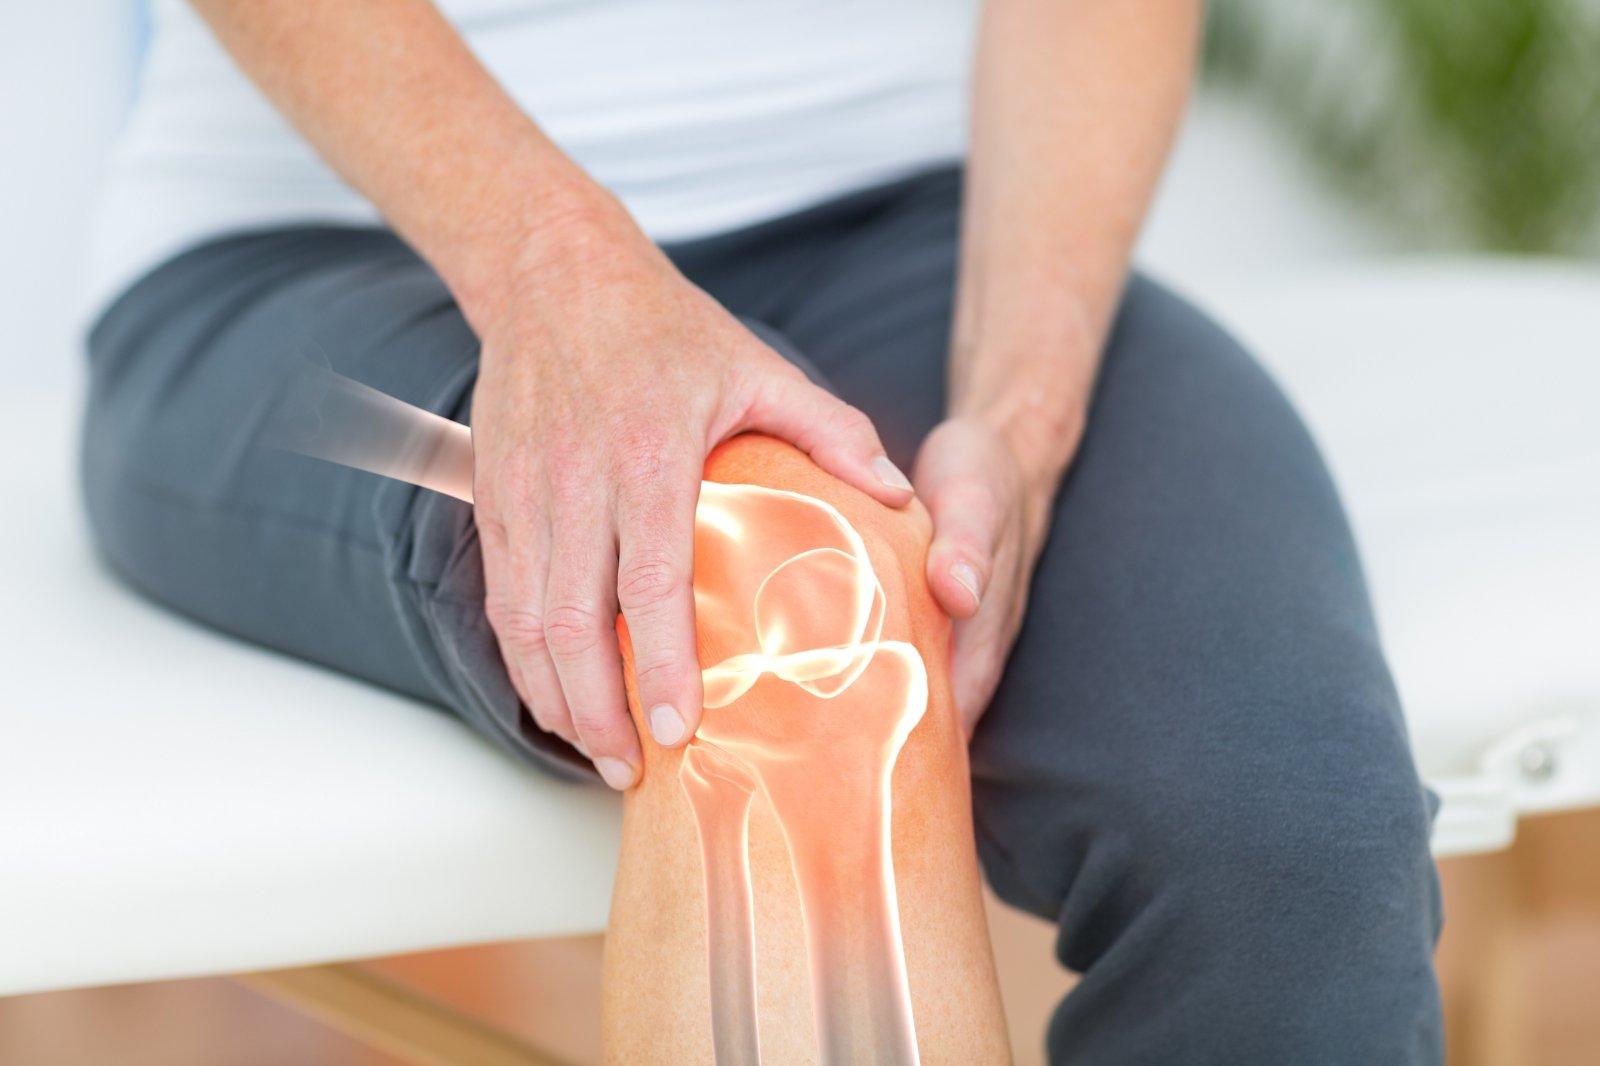 artritas ir artrozė kas yra skirtingas traktavimas priemonė stiprinti sąnarius ir raiščius